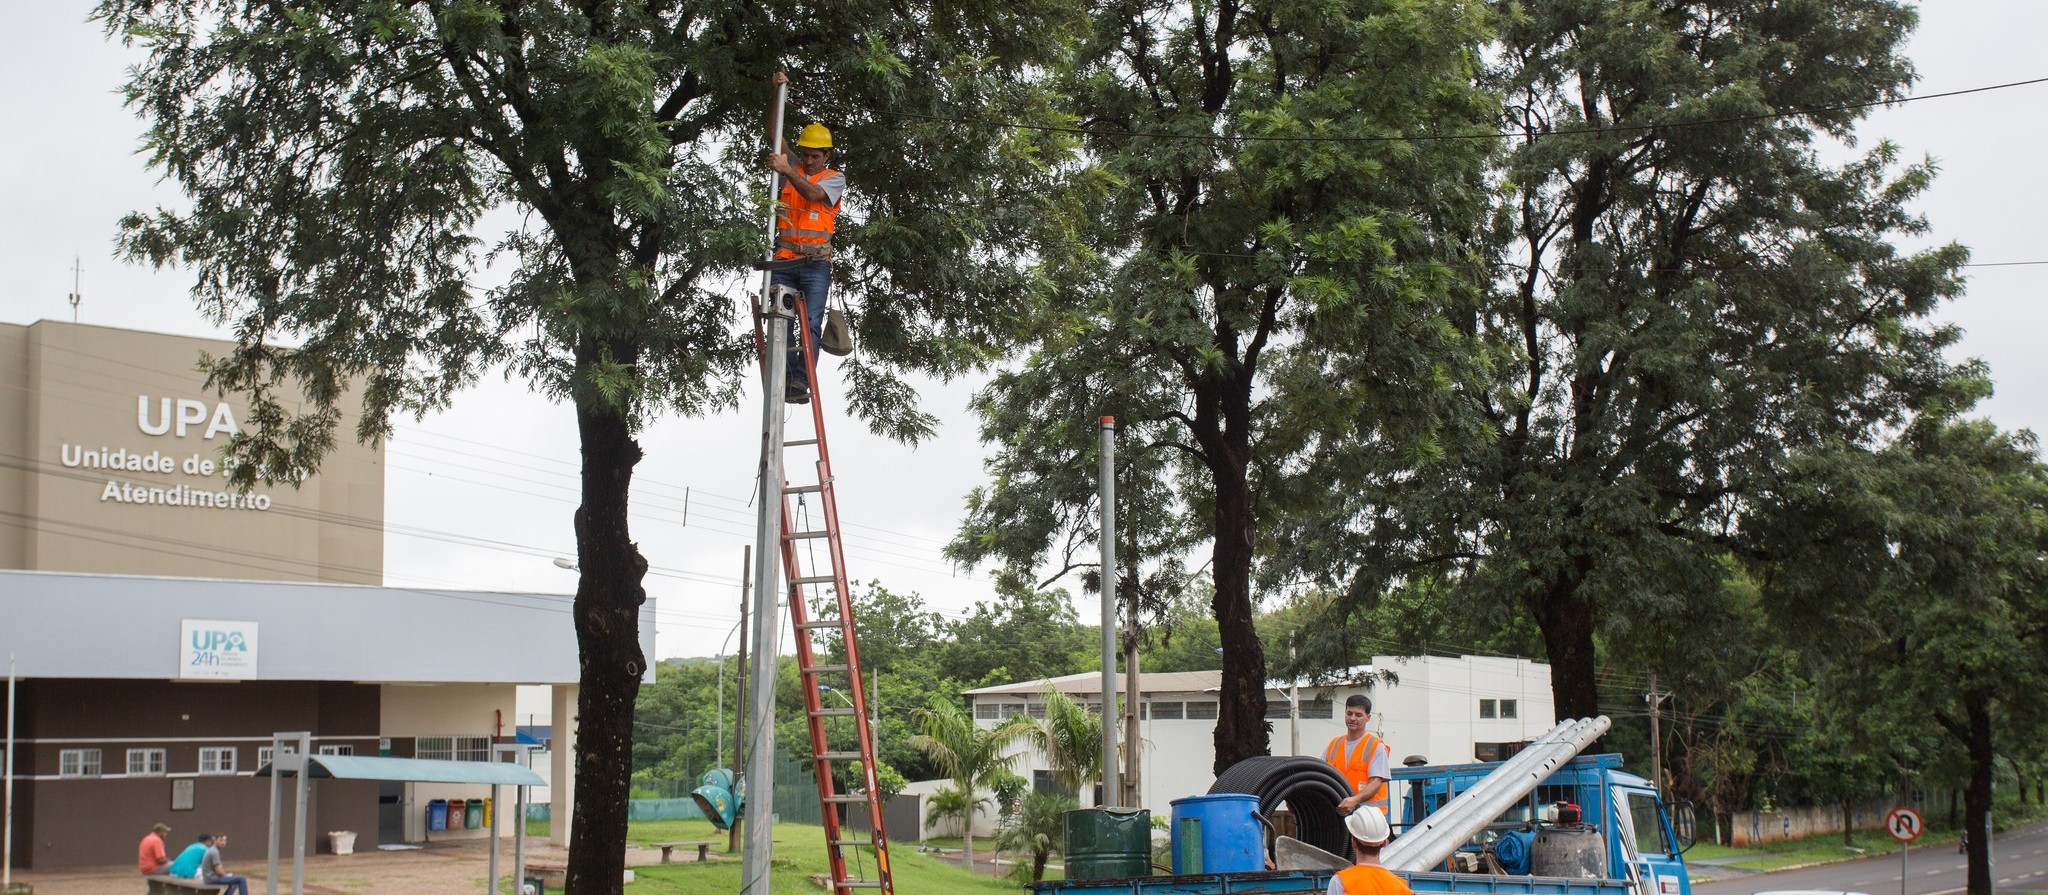 Primeira parte da instalação dos radares termina nessa sexta-feira (12)